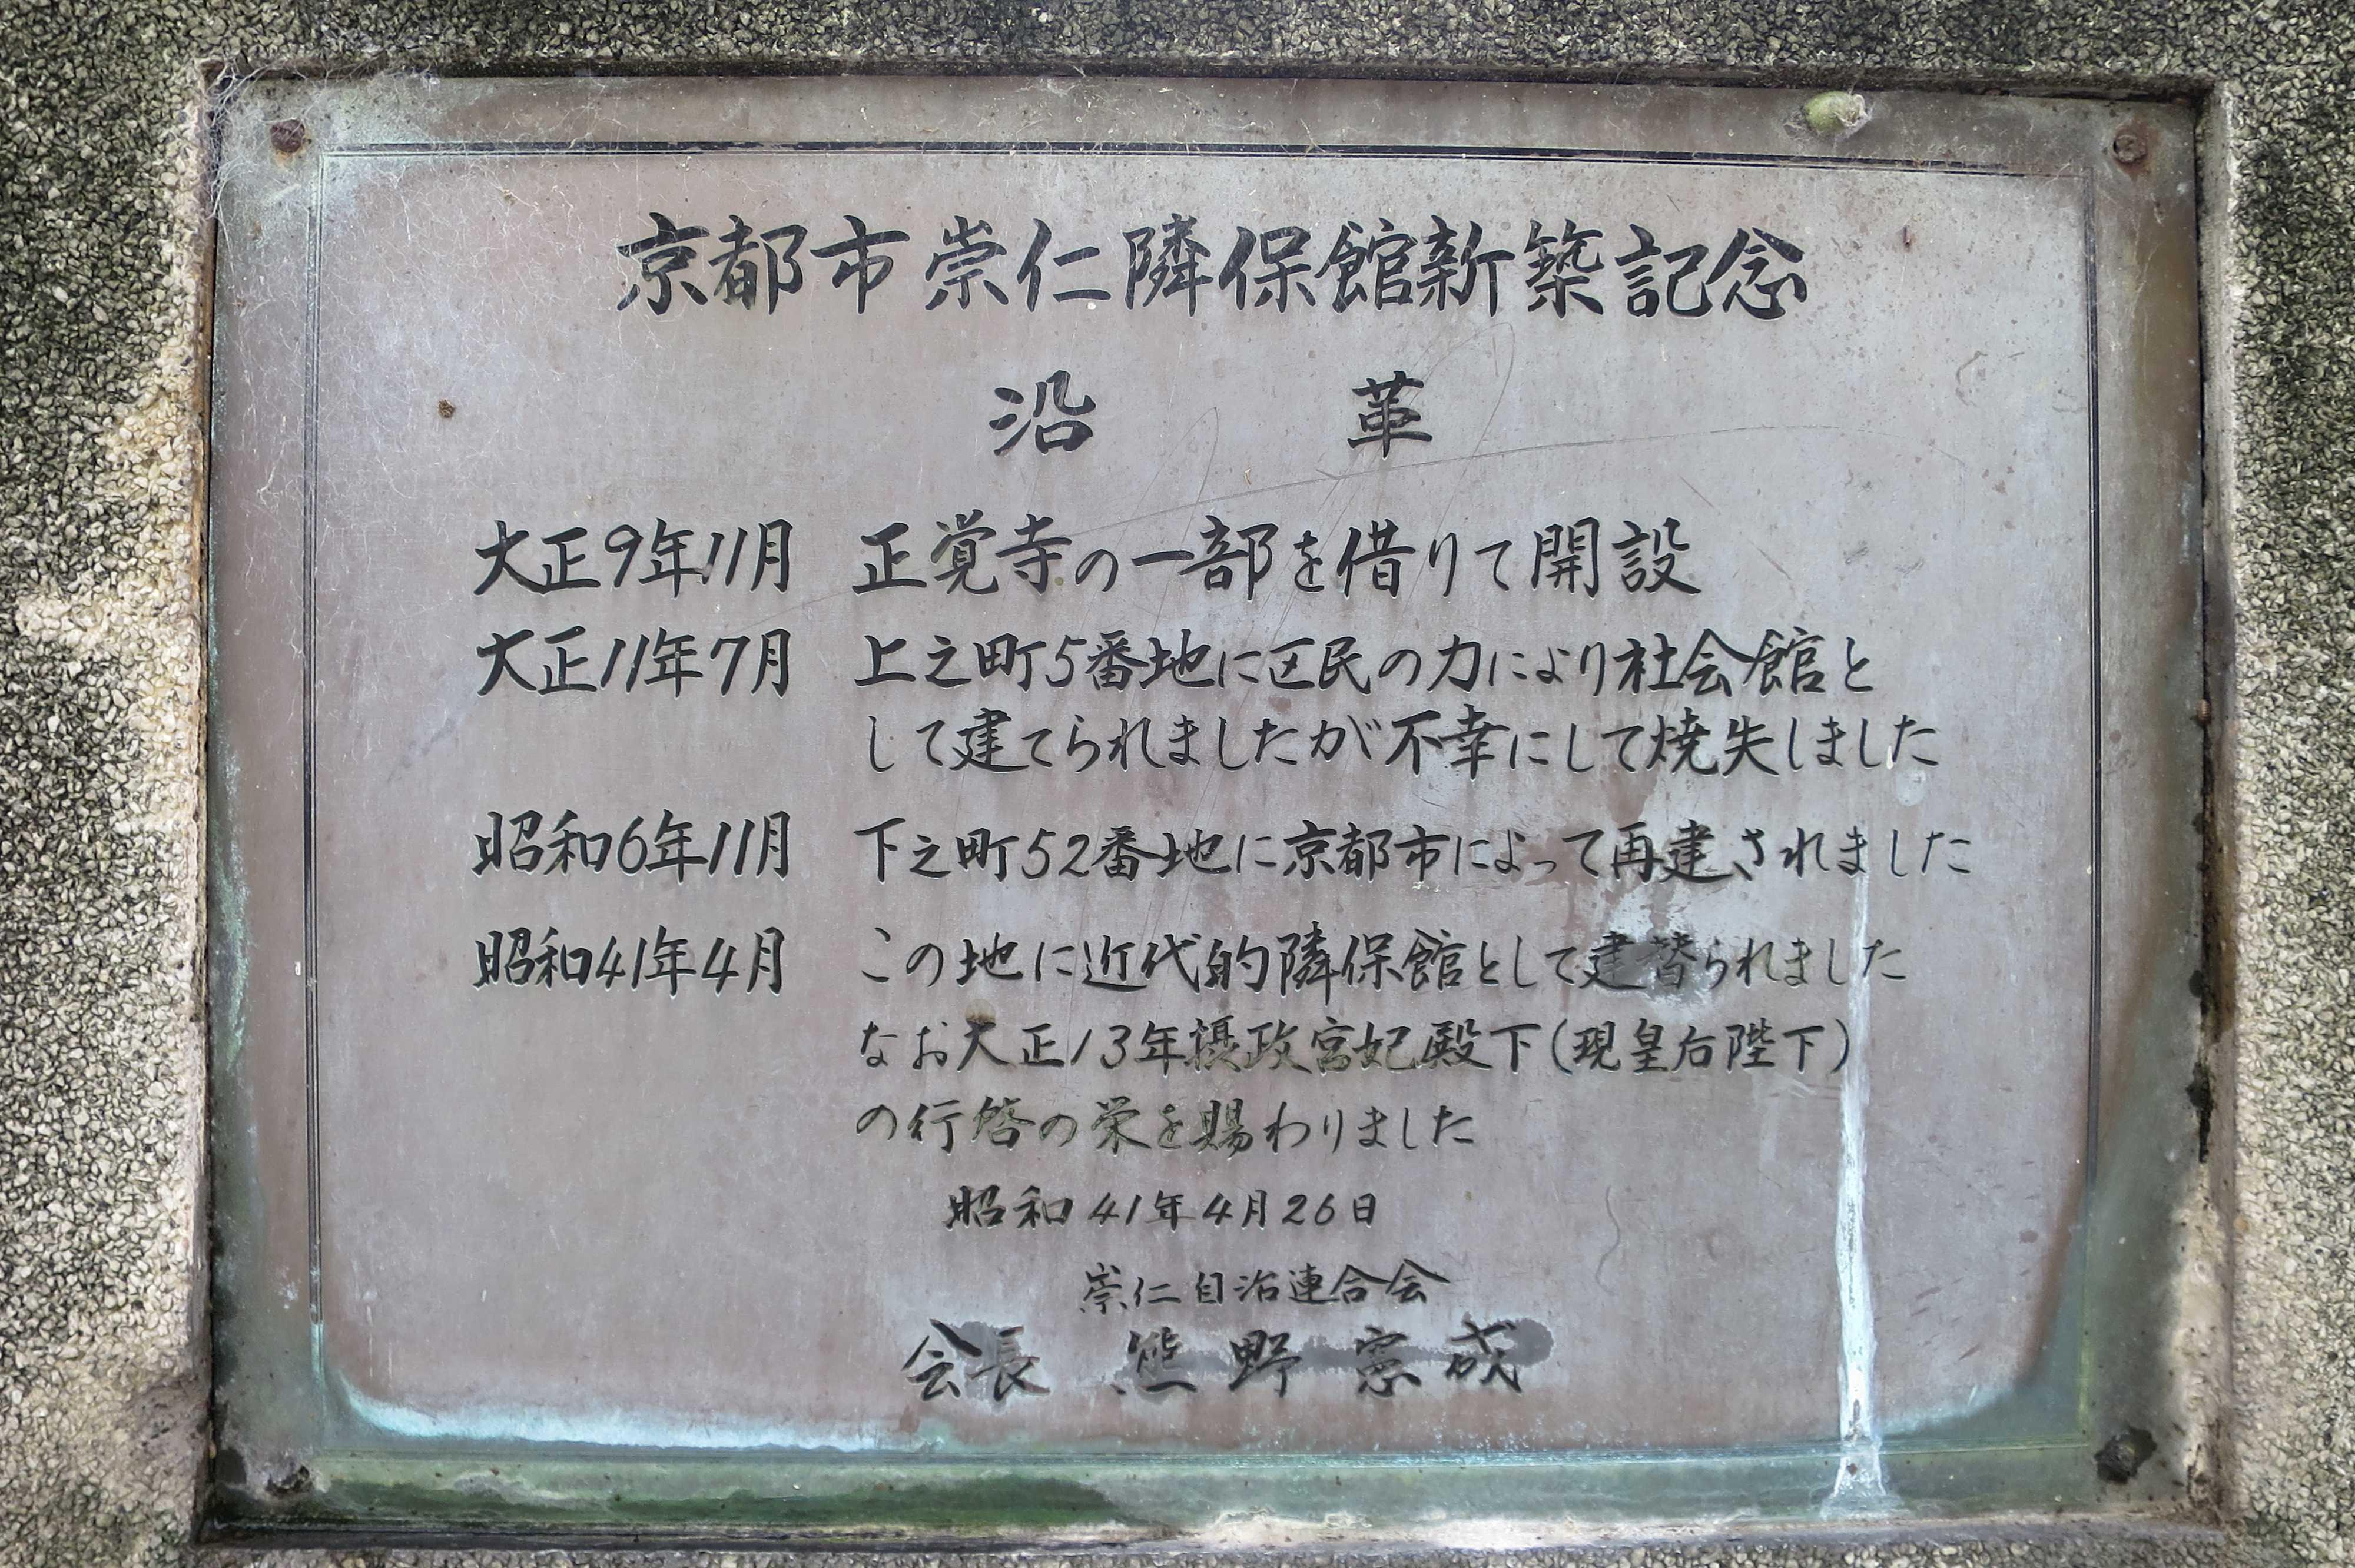 京都・崇仁地区 - 京都市崇仁隣保館新築記念